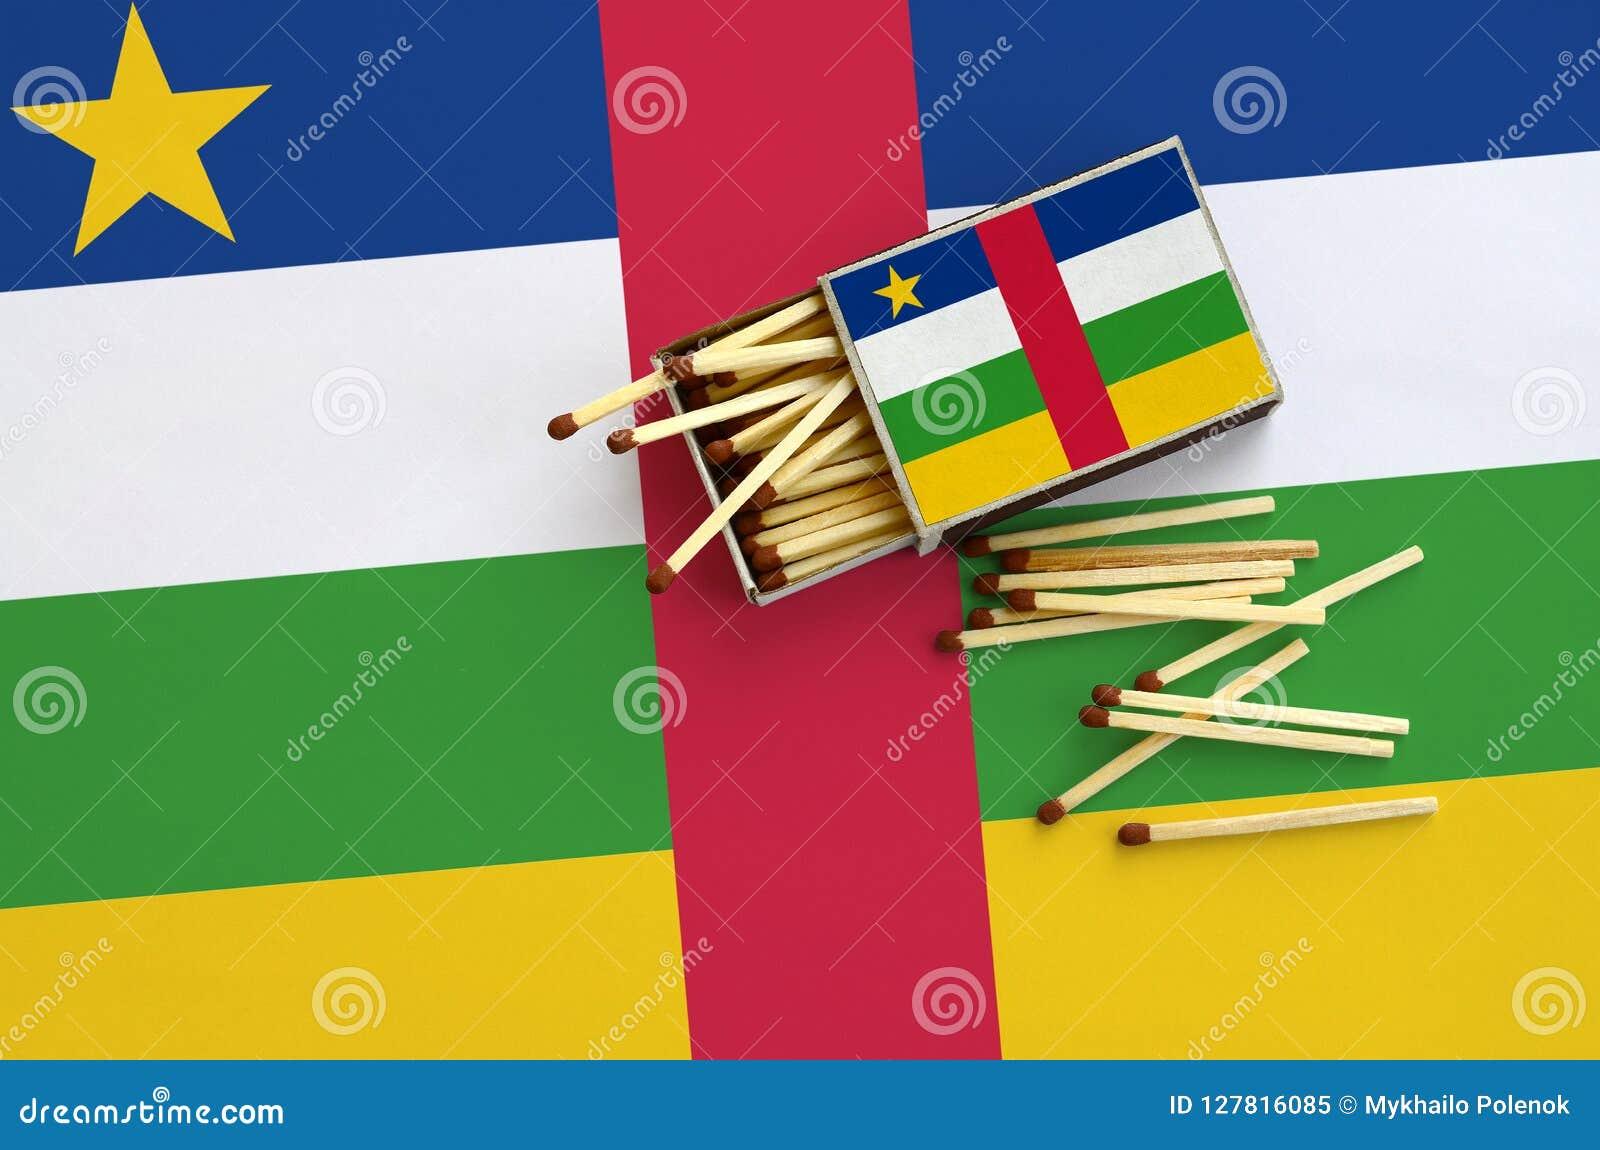 La bandiera della Repubblica centroafricana è indicata su una scatola di fiammiferi aperta, da cui parecchie partite cadono e bug